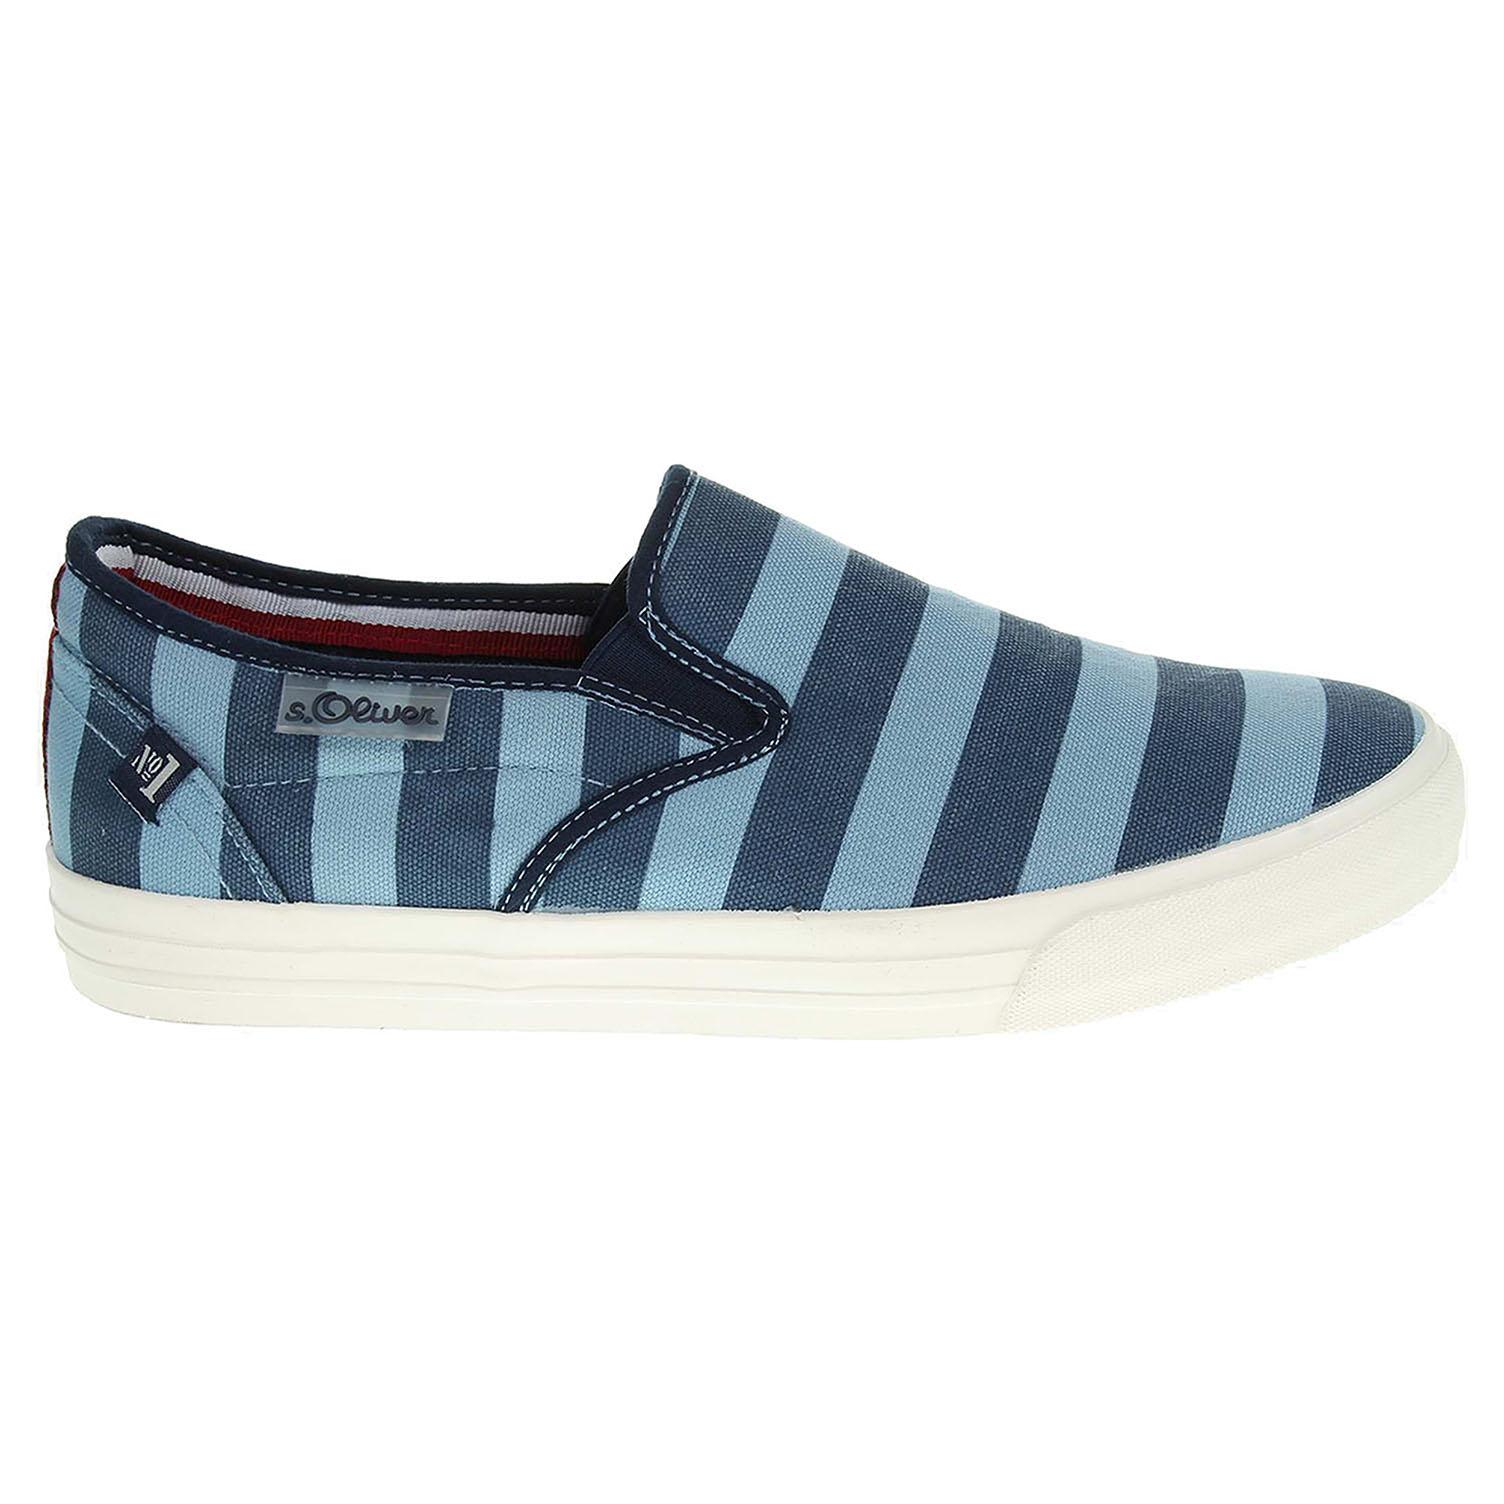 Ecco s.Oliver pánská obuv 5-14605-36 modrá 24000392